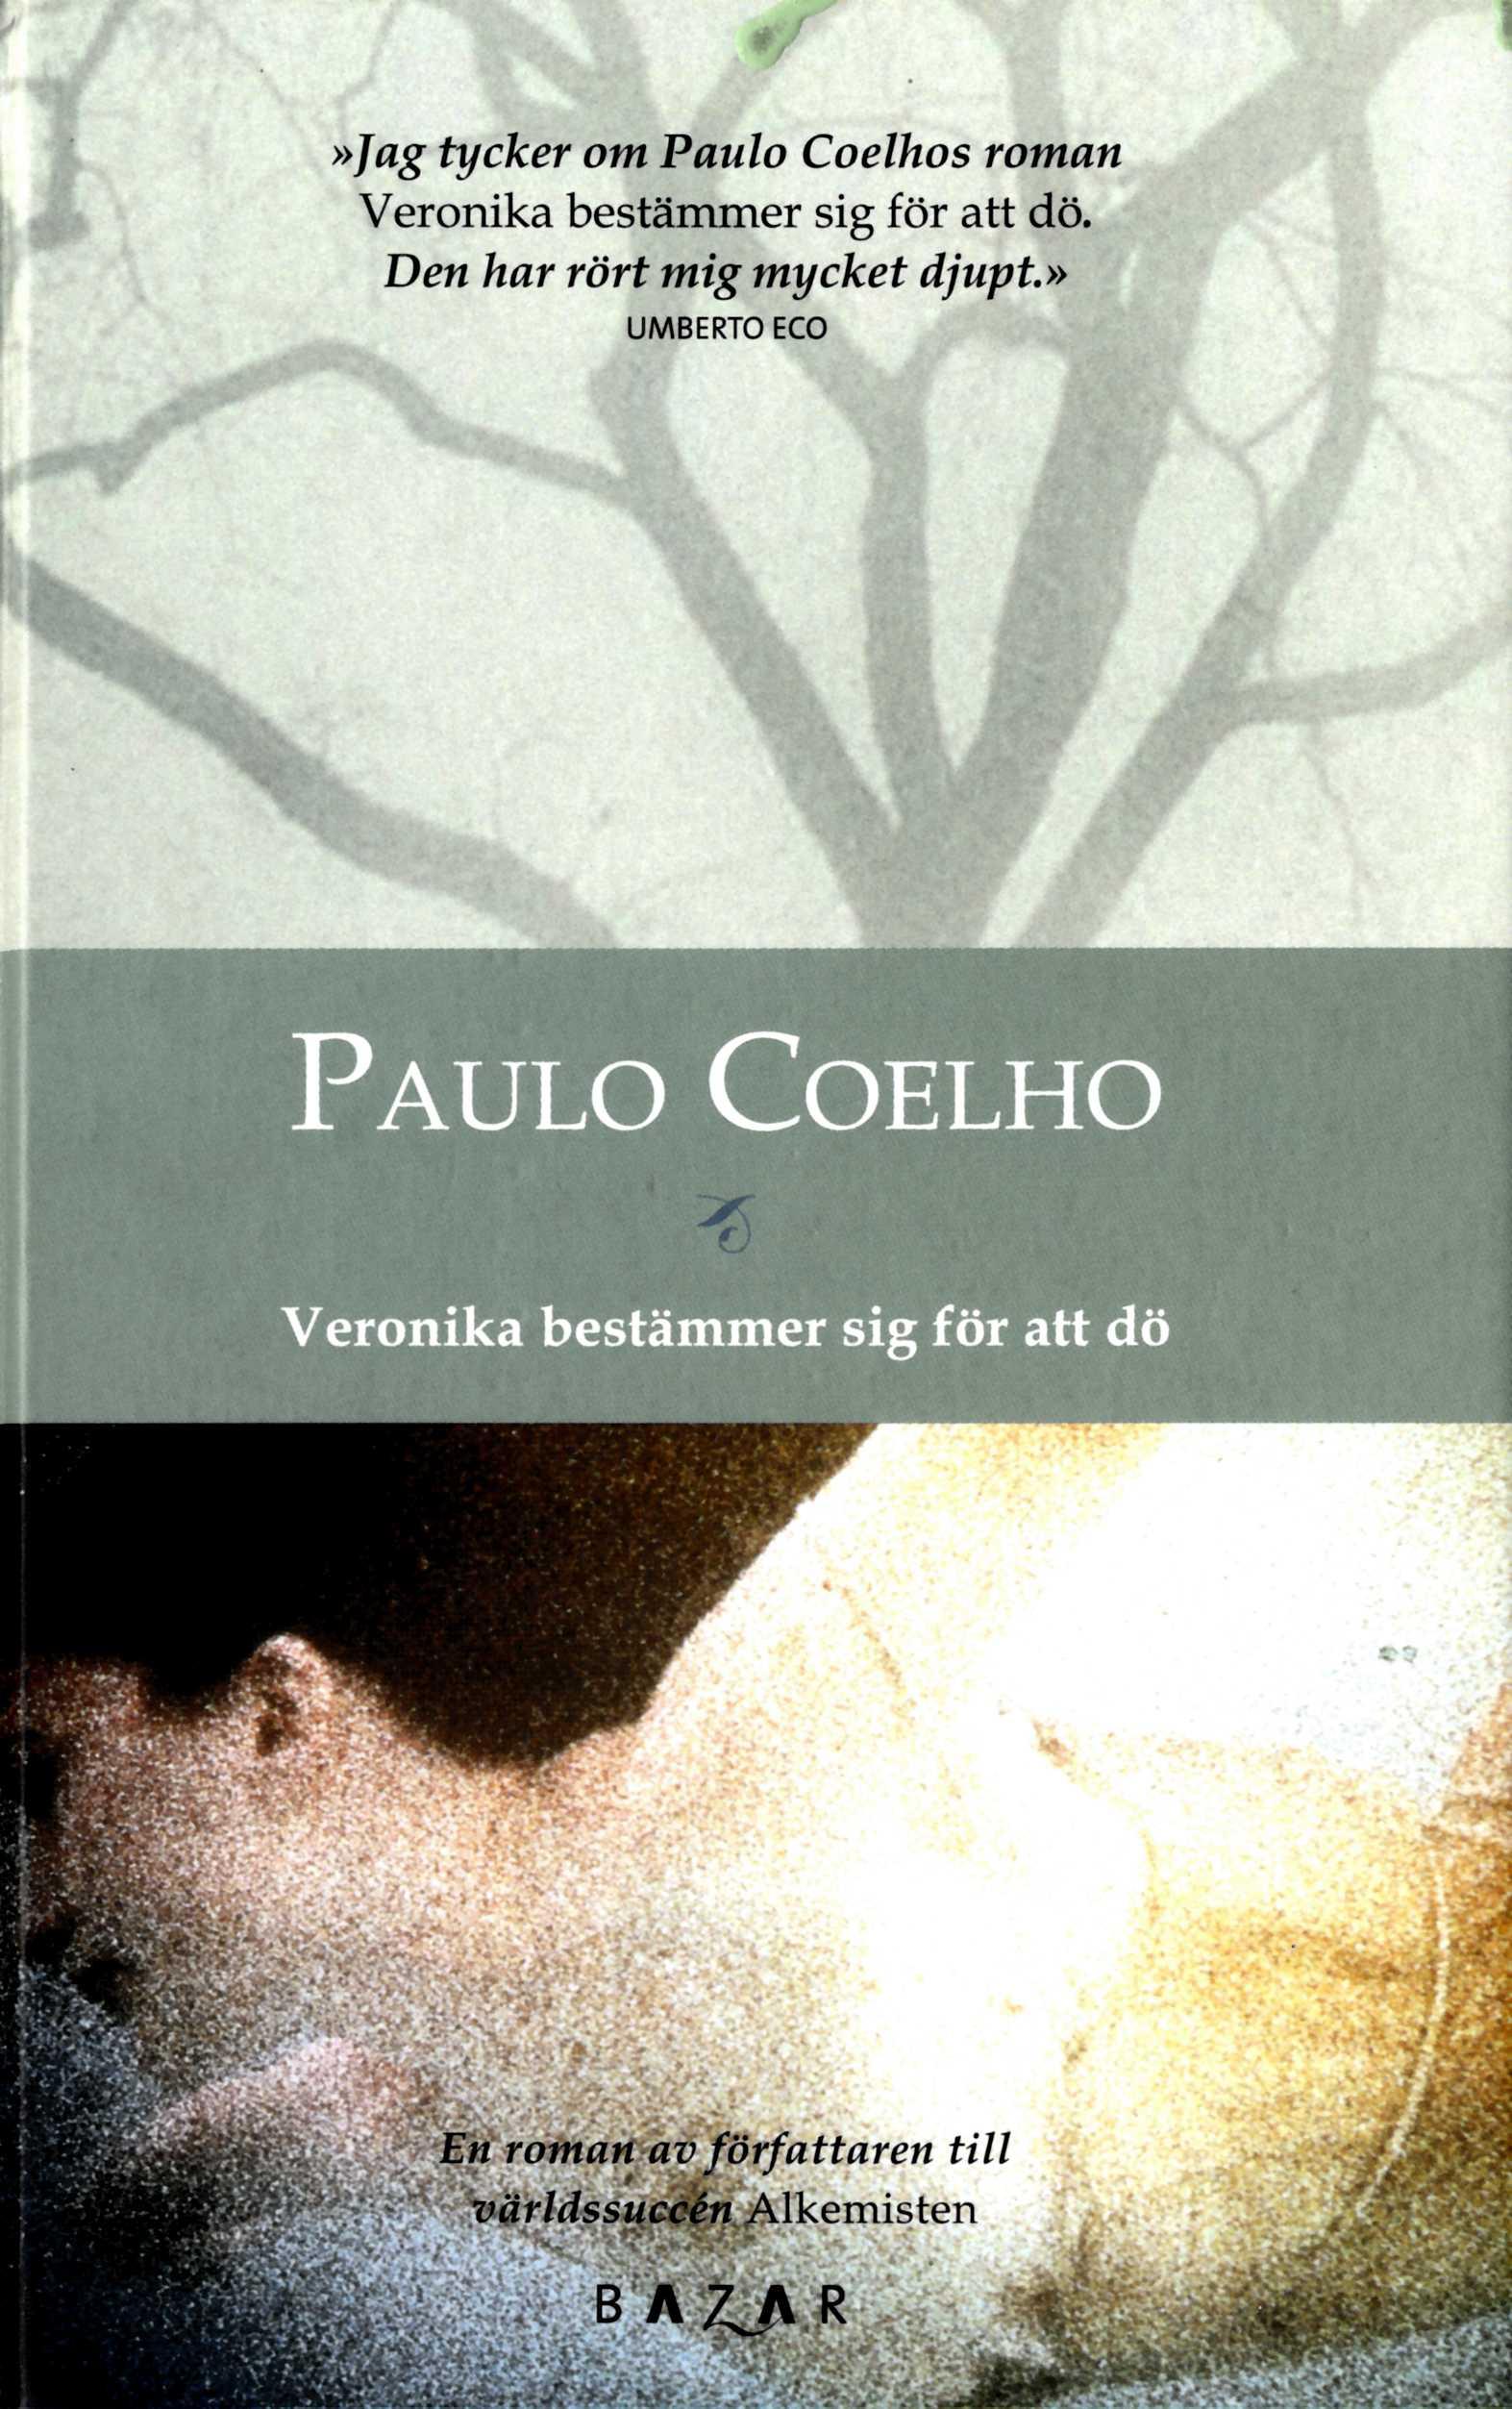 Coelho-a